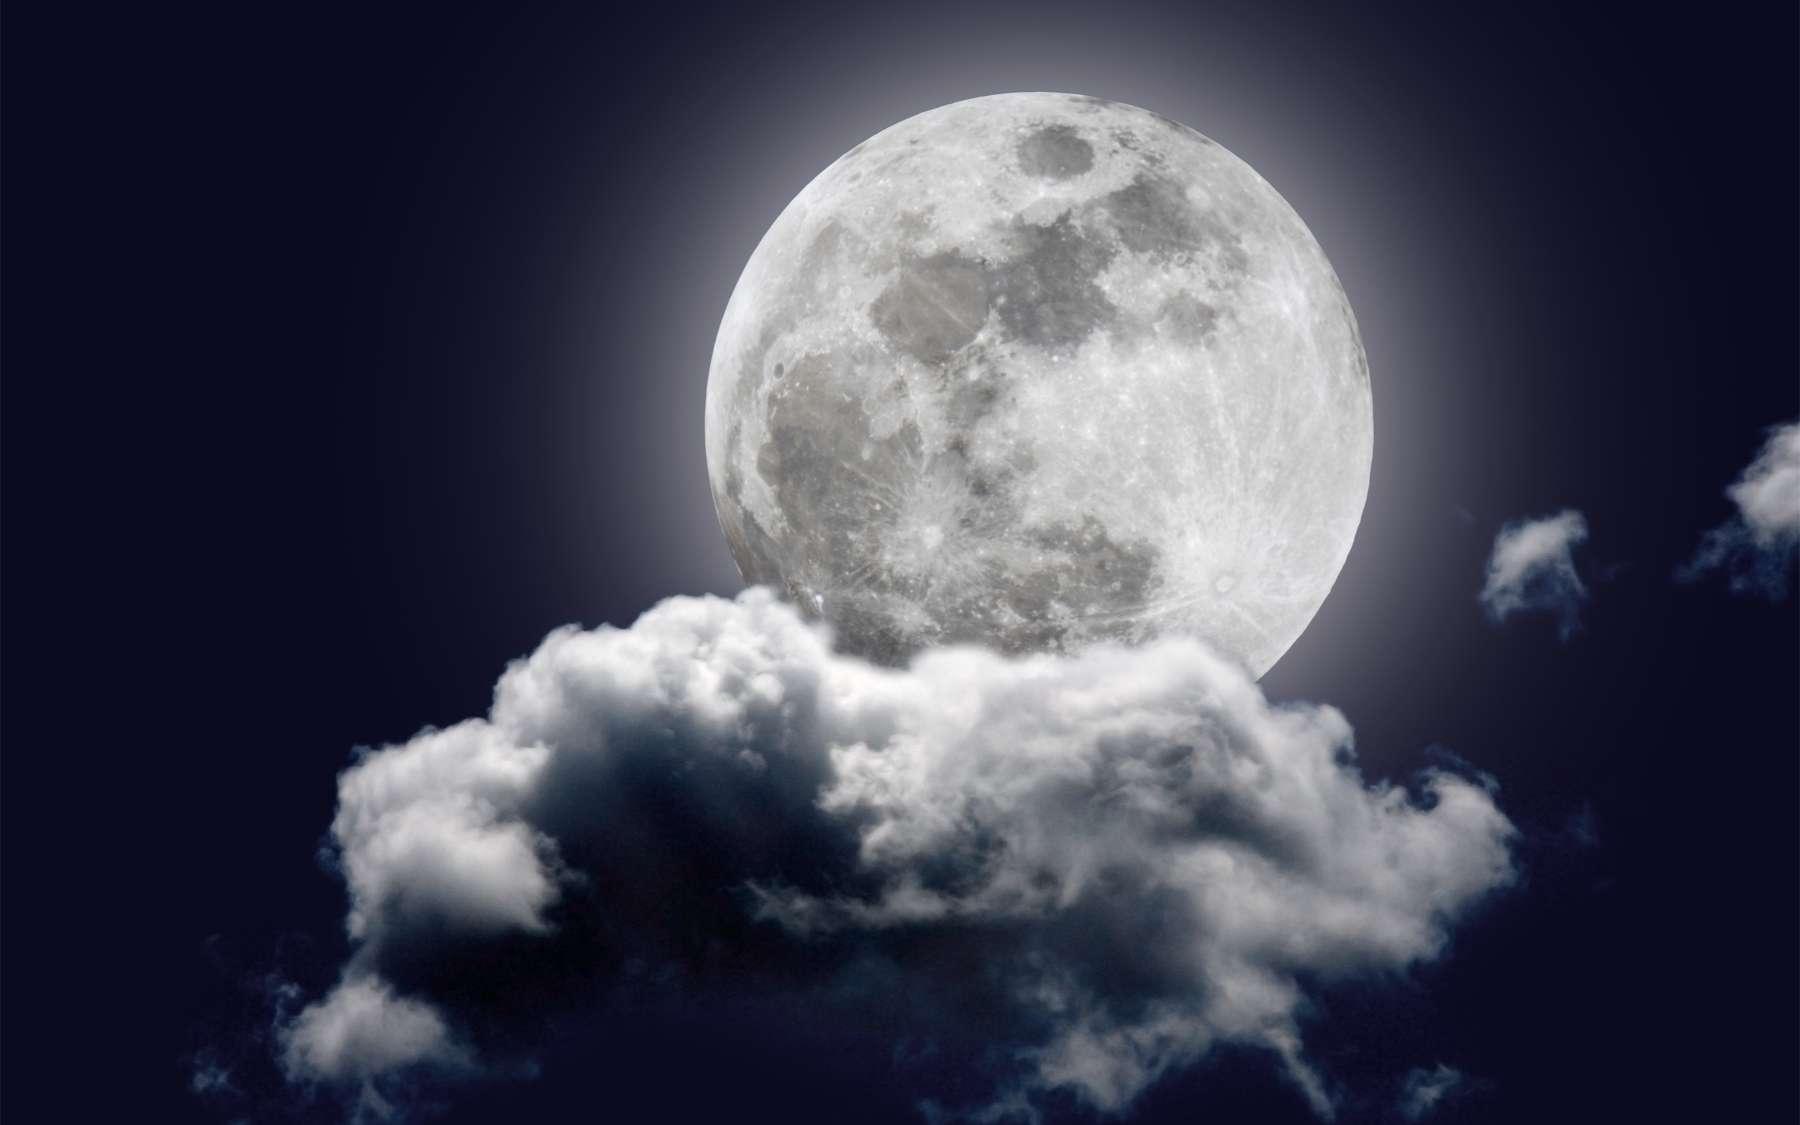 Une étude montre que les nuits de Pleine Lune, on a tendance à dormir moins et moins bien. Avons-nous un rythme biologique en phase avec le cycle lunaire ? © Thom Rains photos, Picasa, cc by 3.0